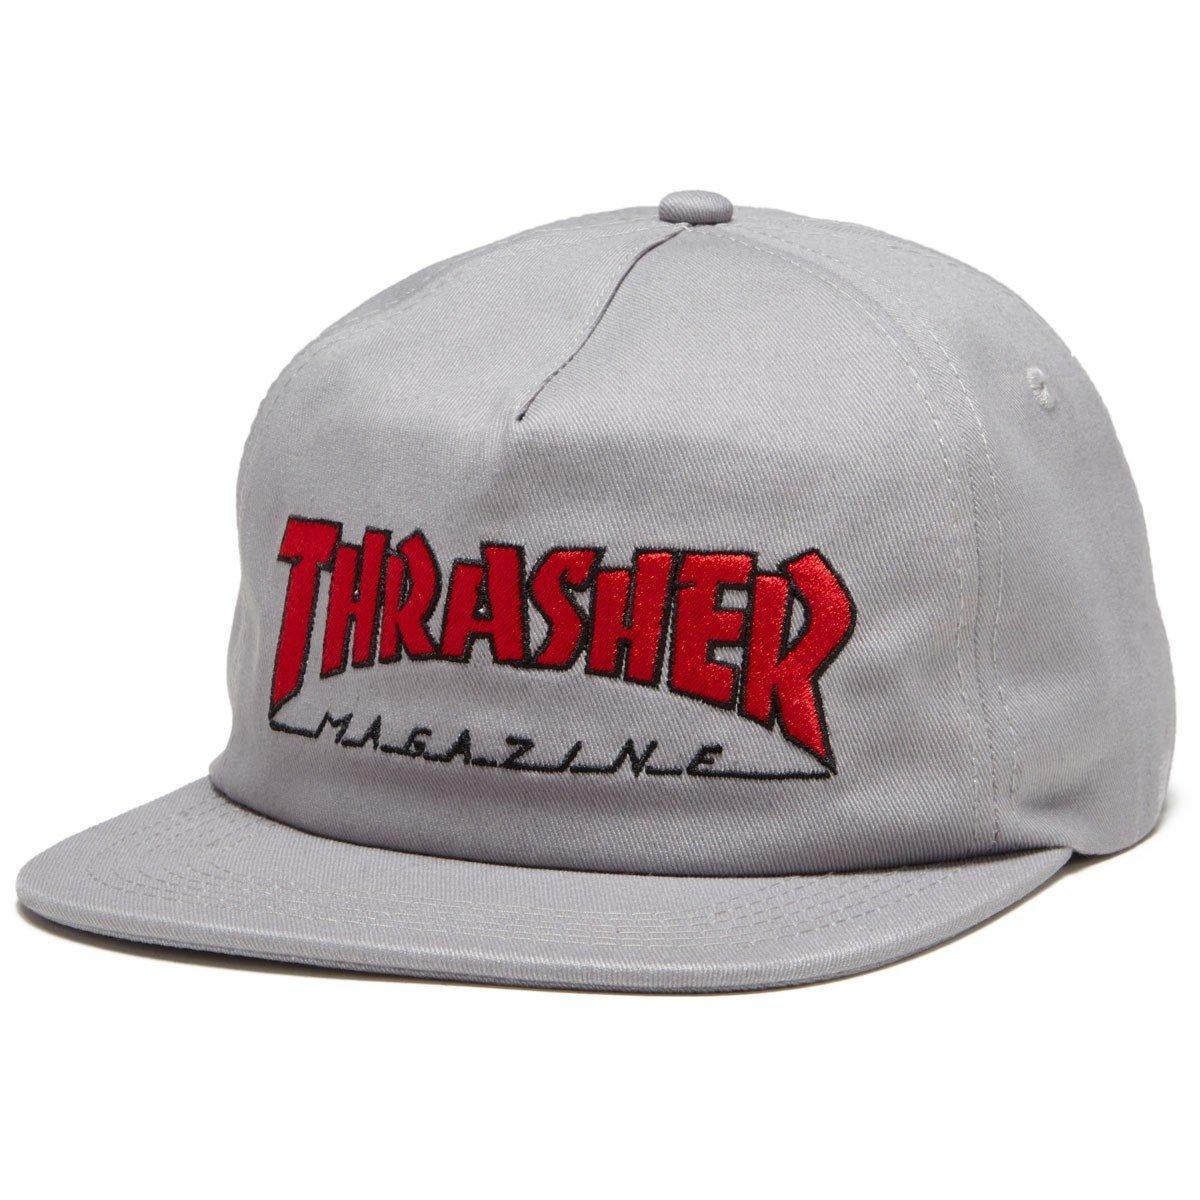 THRASHER THRASHER OUTLINED SNAPBACK GRAY